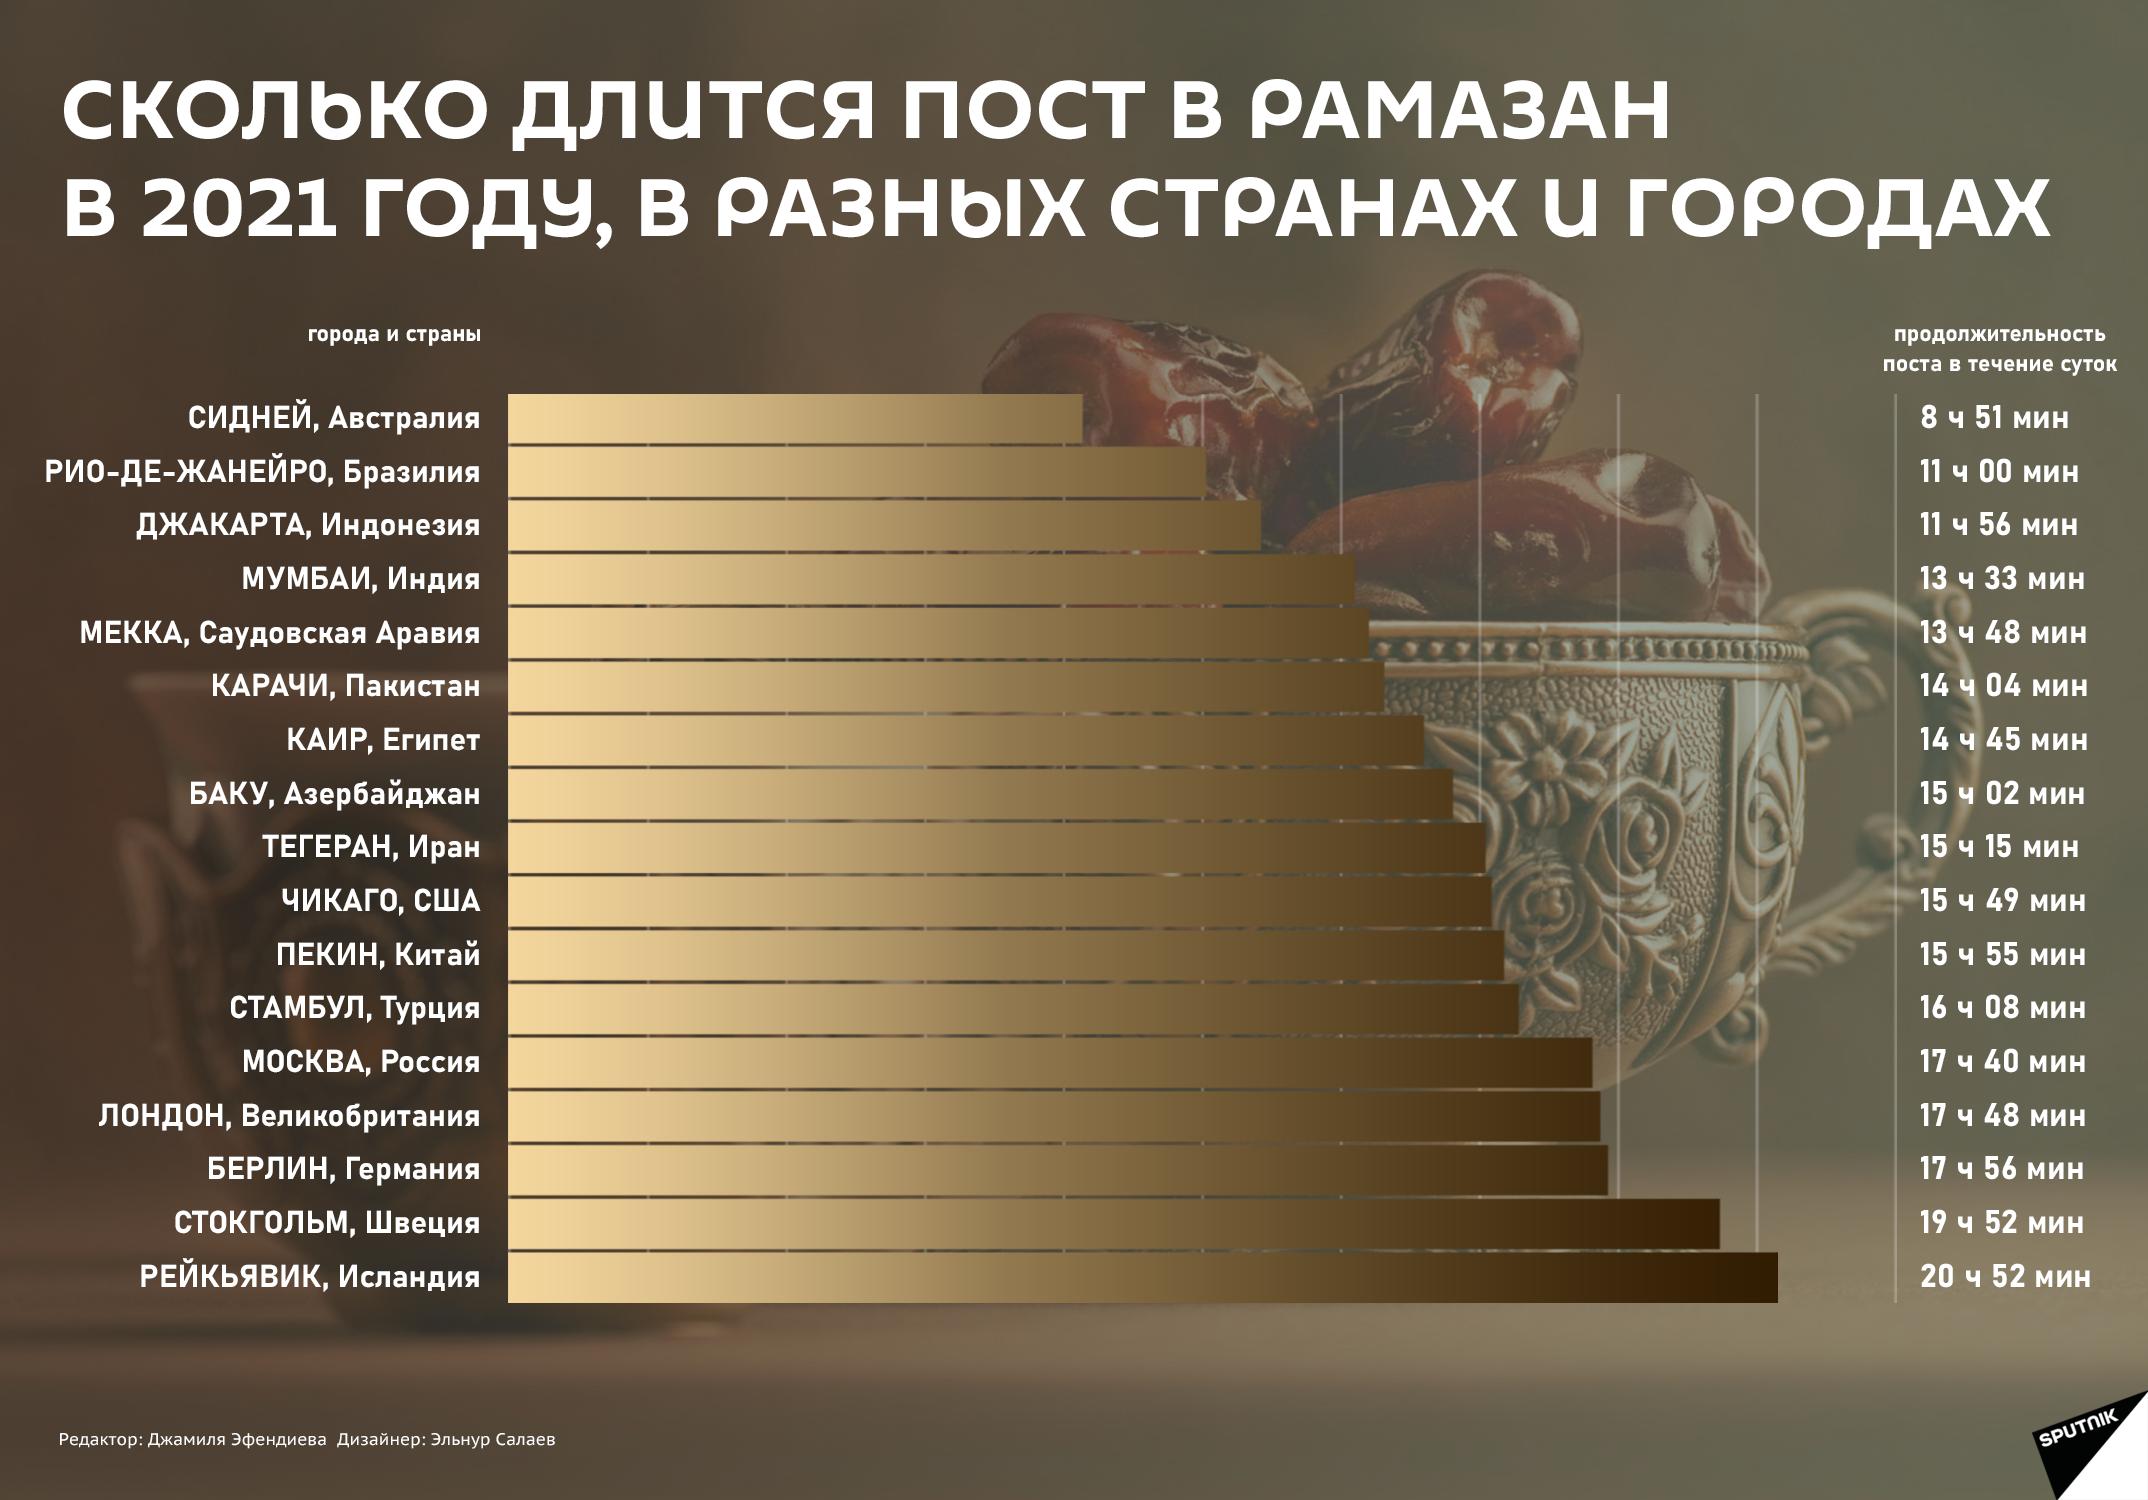 Инфографика: Пост Рамазан в разных странах - Sputnik Азербайджан, 1920, 15.04.2021